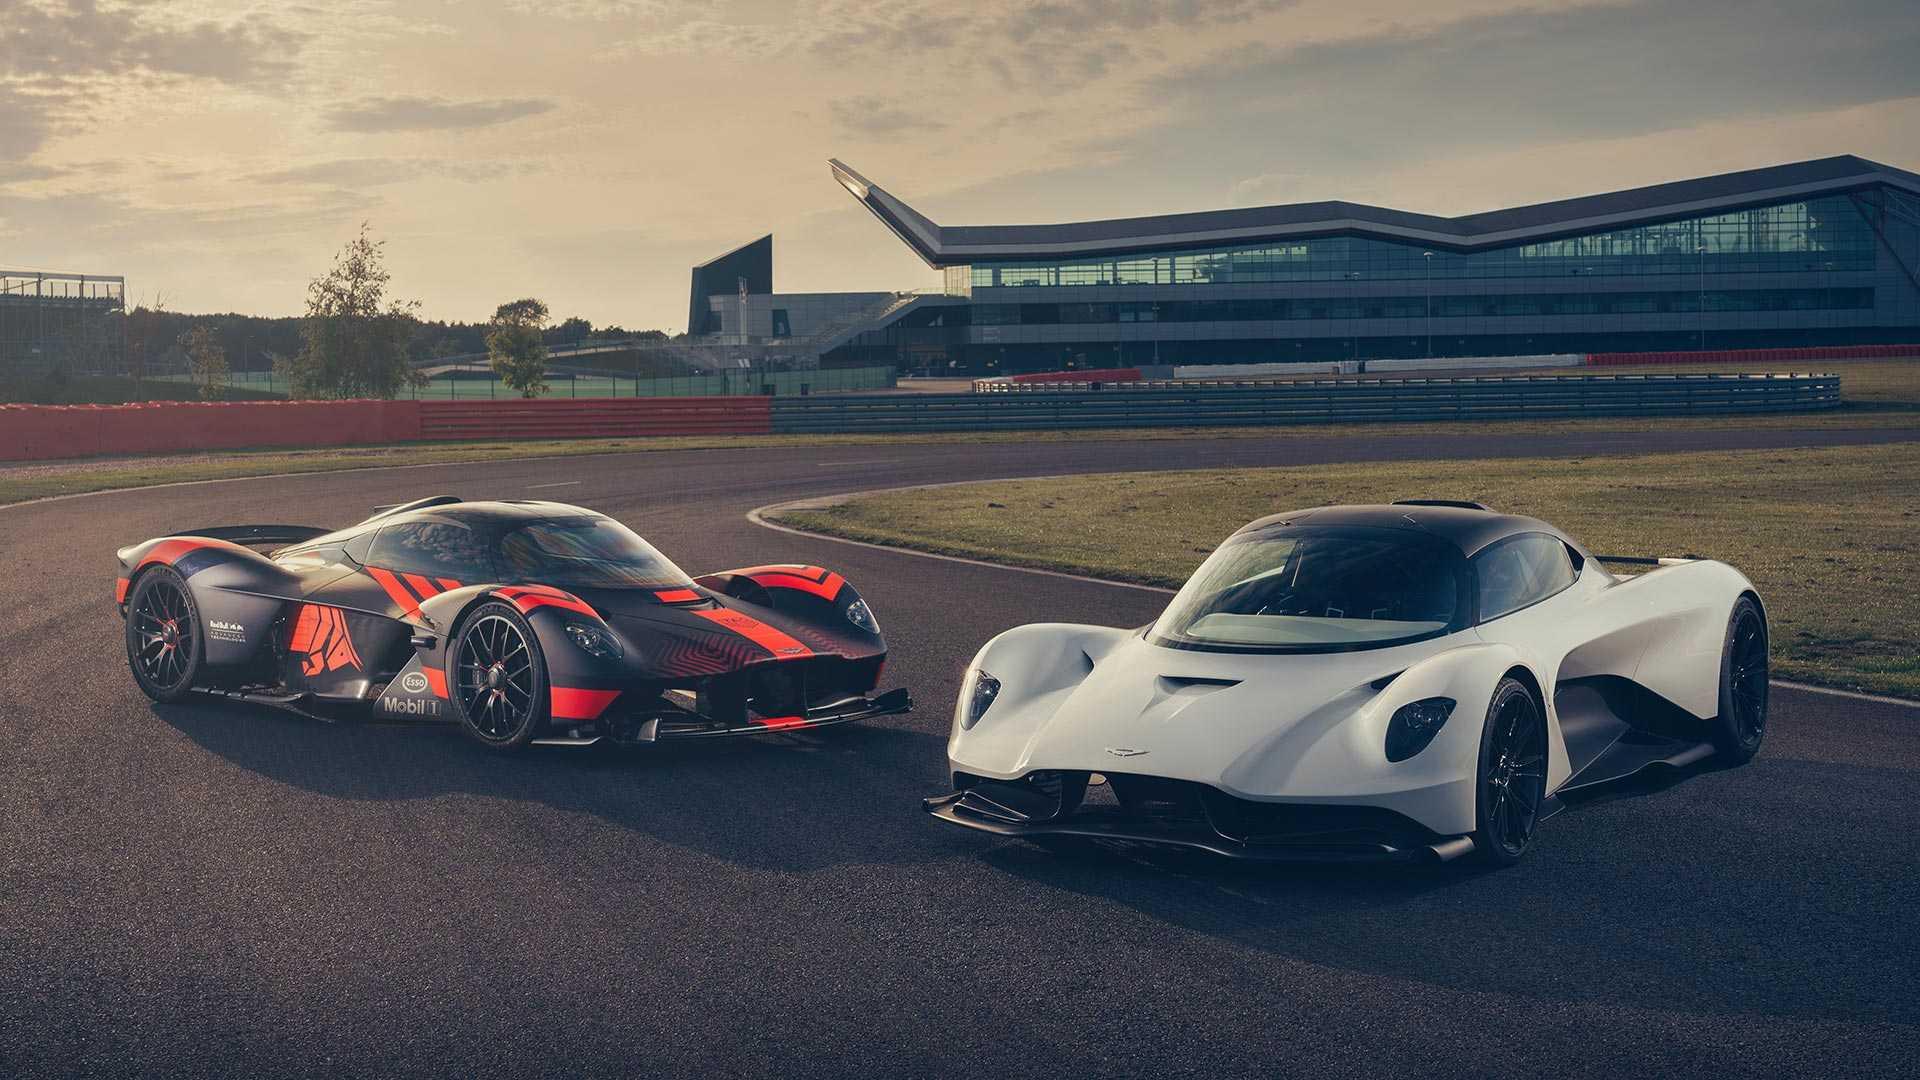 В сети появился видеоролик с первым заездом Aston Martin Valhalla. Суперкар с гибридной установкой проехал пару кругов по треку Сильверстоун.